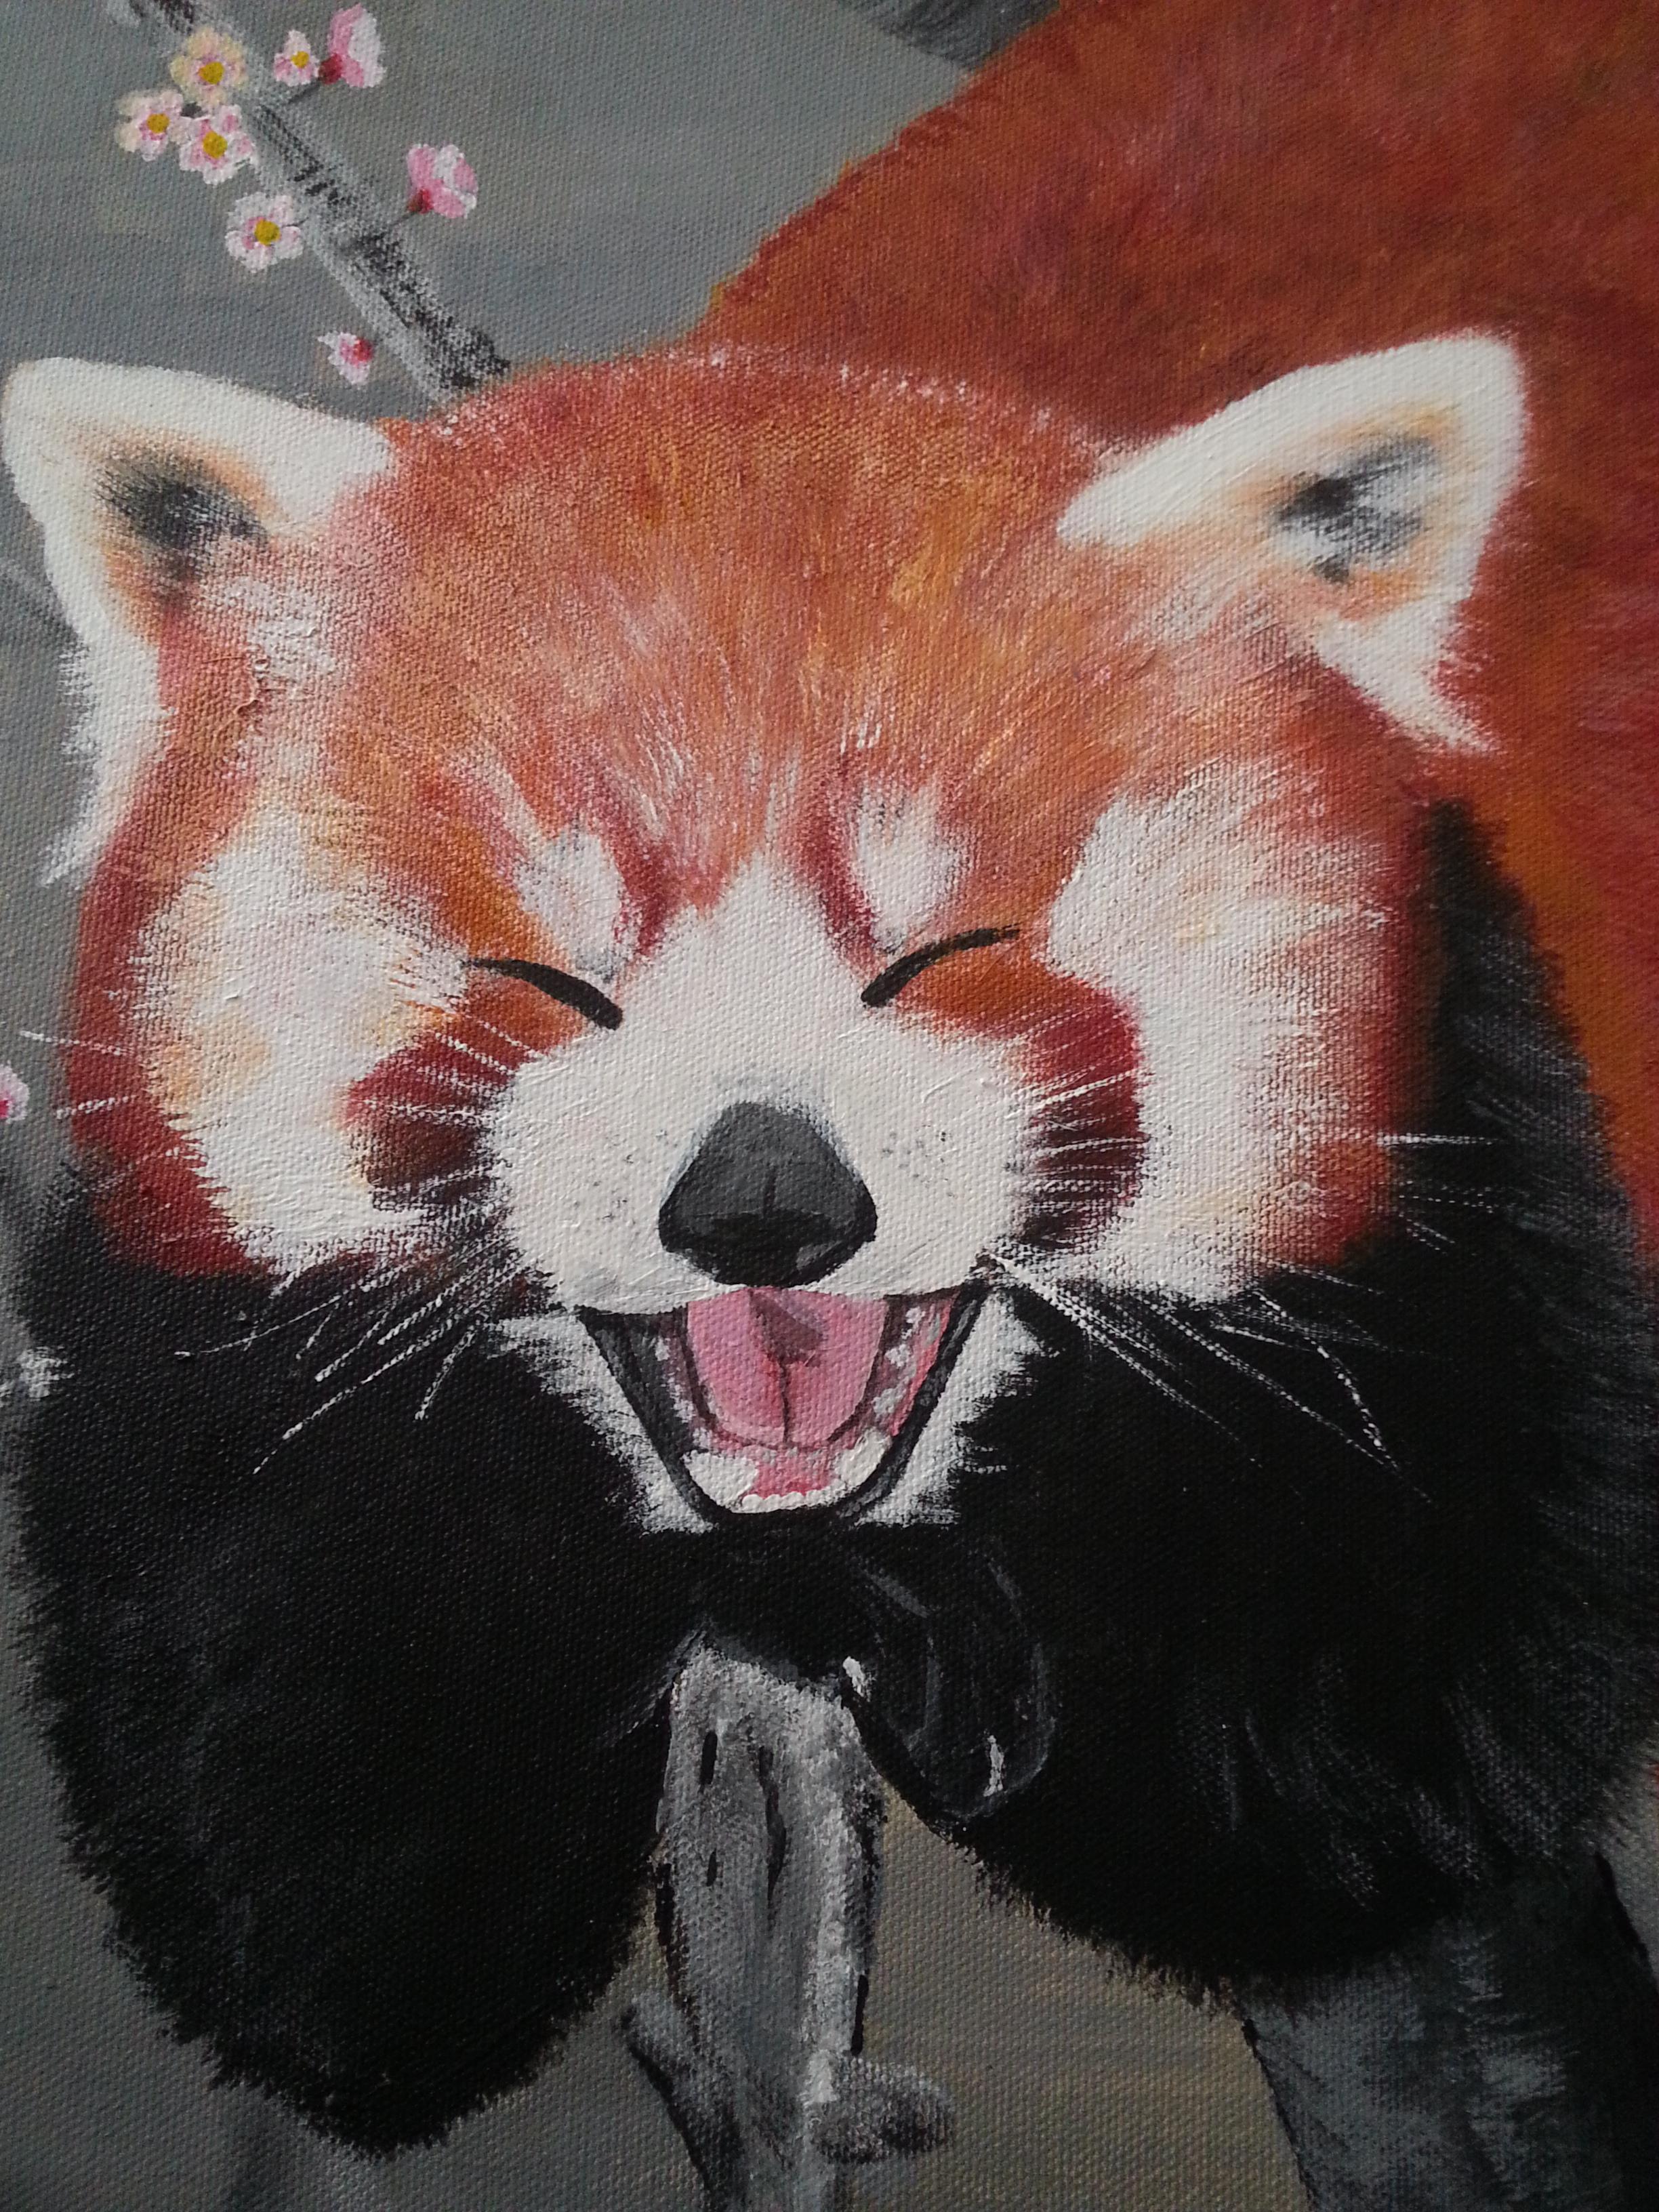 tina beck artwork  red panda